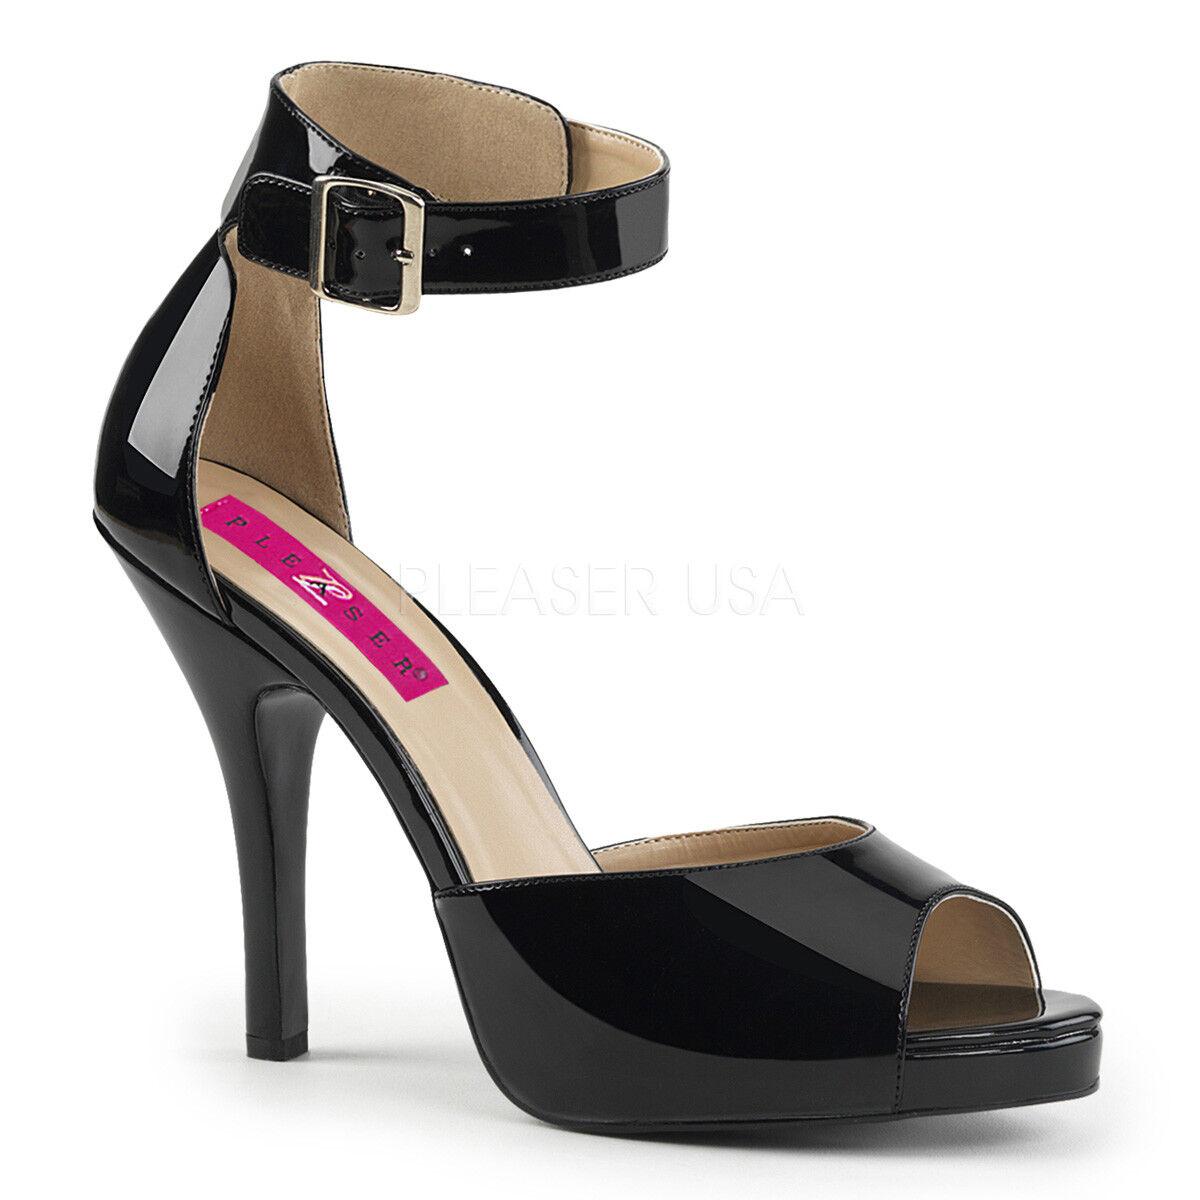 alta quaità PLEASER rosa LABEL LABEL LABEL EVE-02 Nero Brevetto Tacco Alto Cinturino Alla Caviglia Tg  più ordine